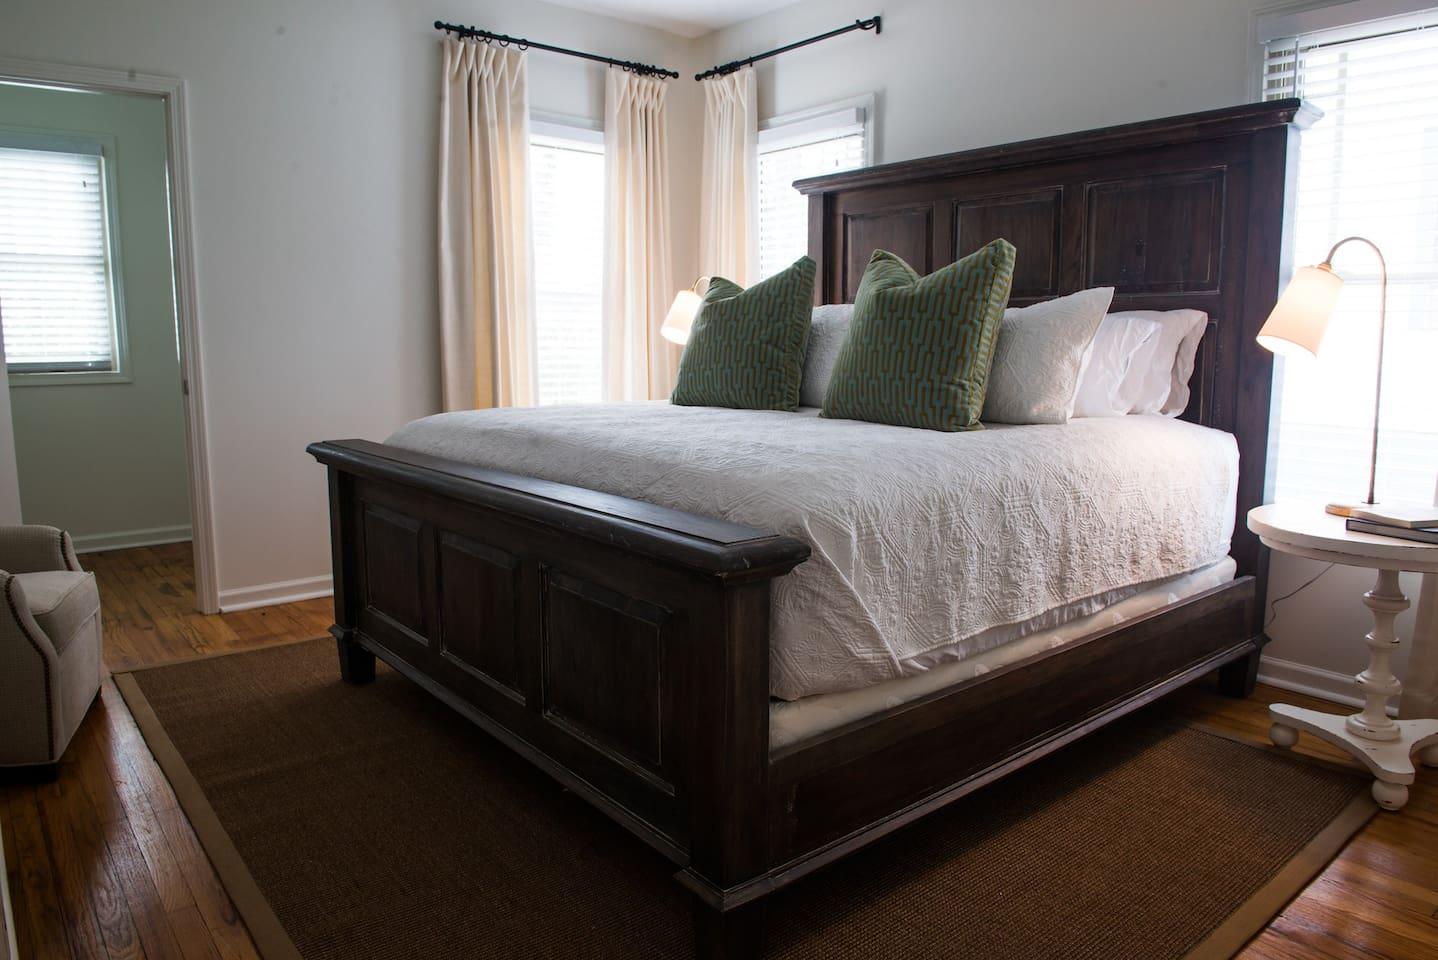 King Saatva mattress